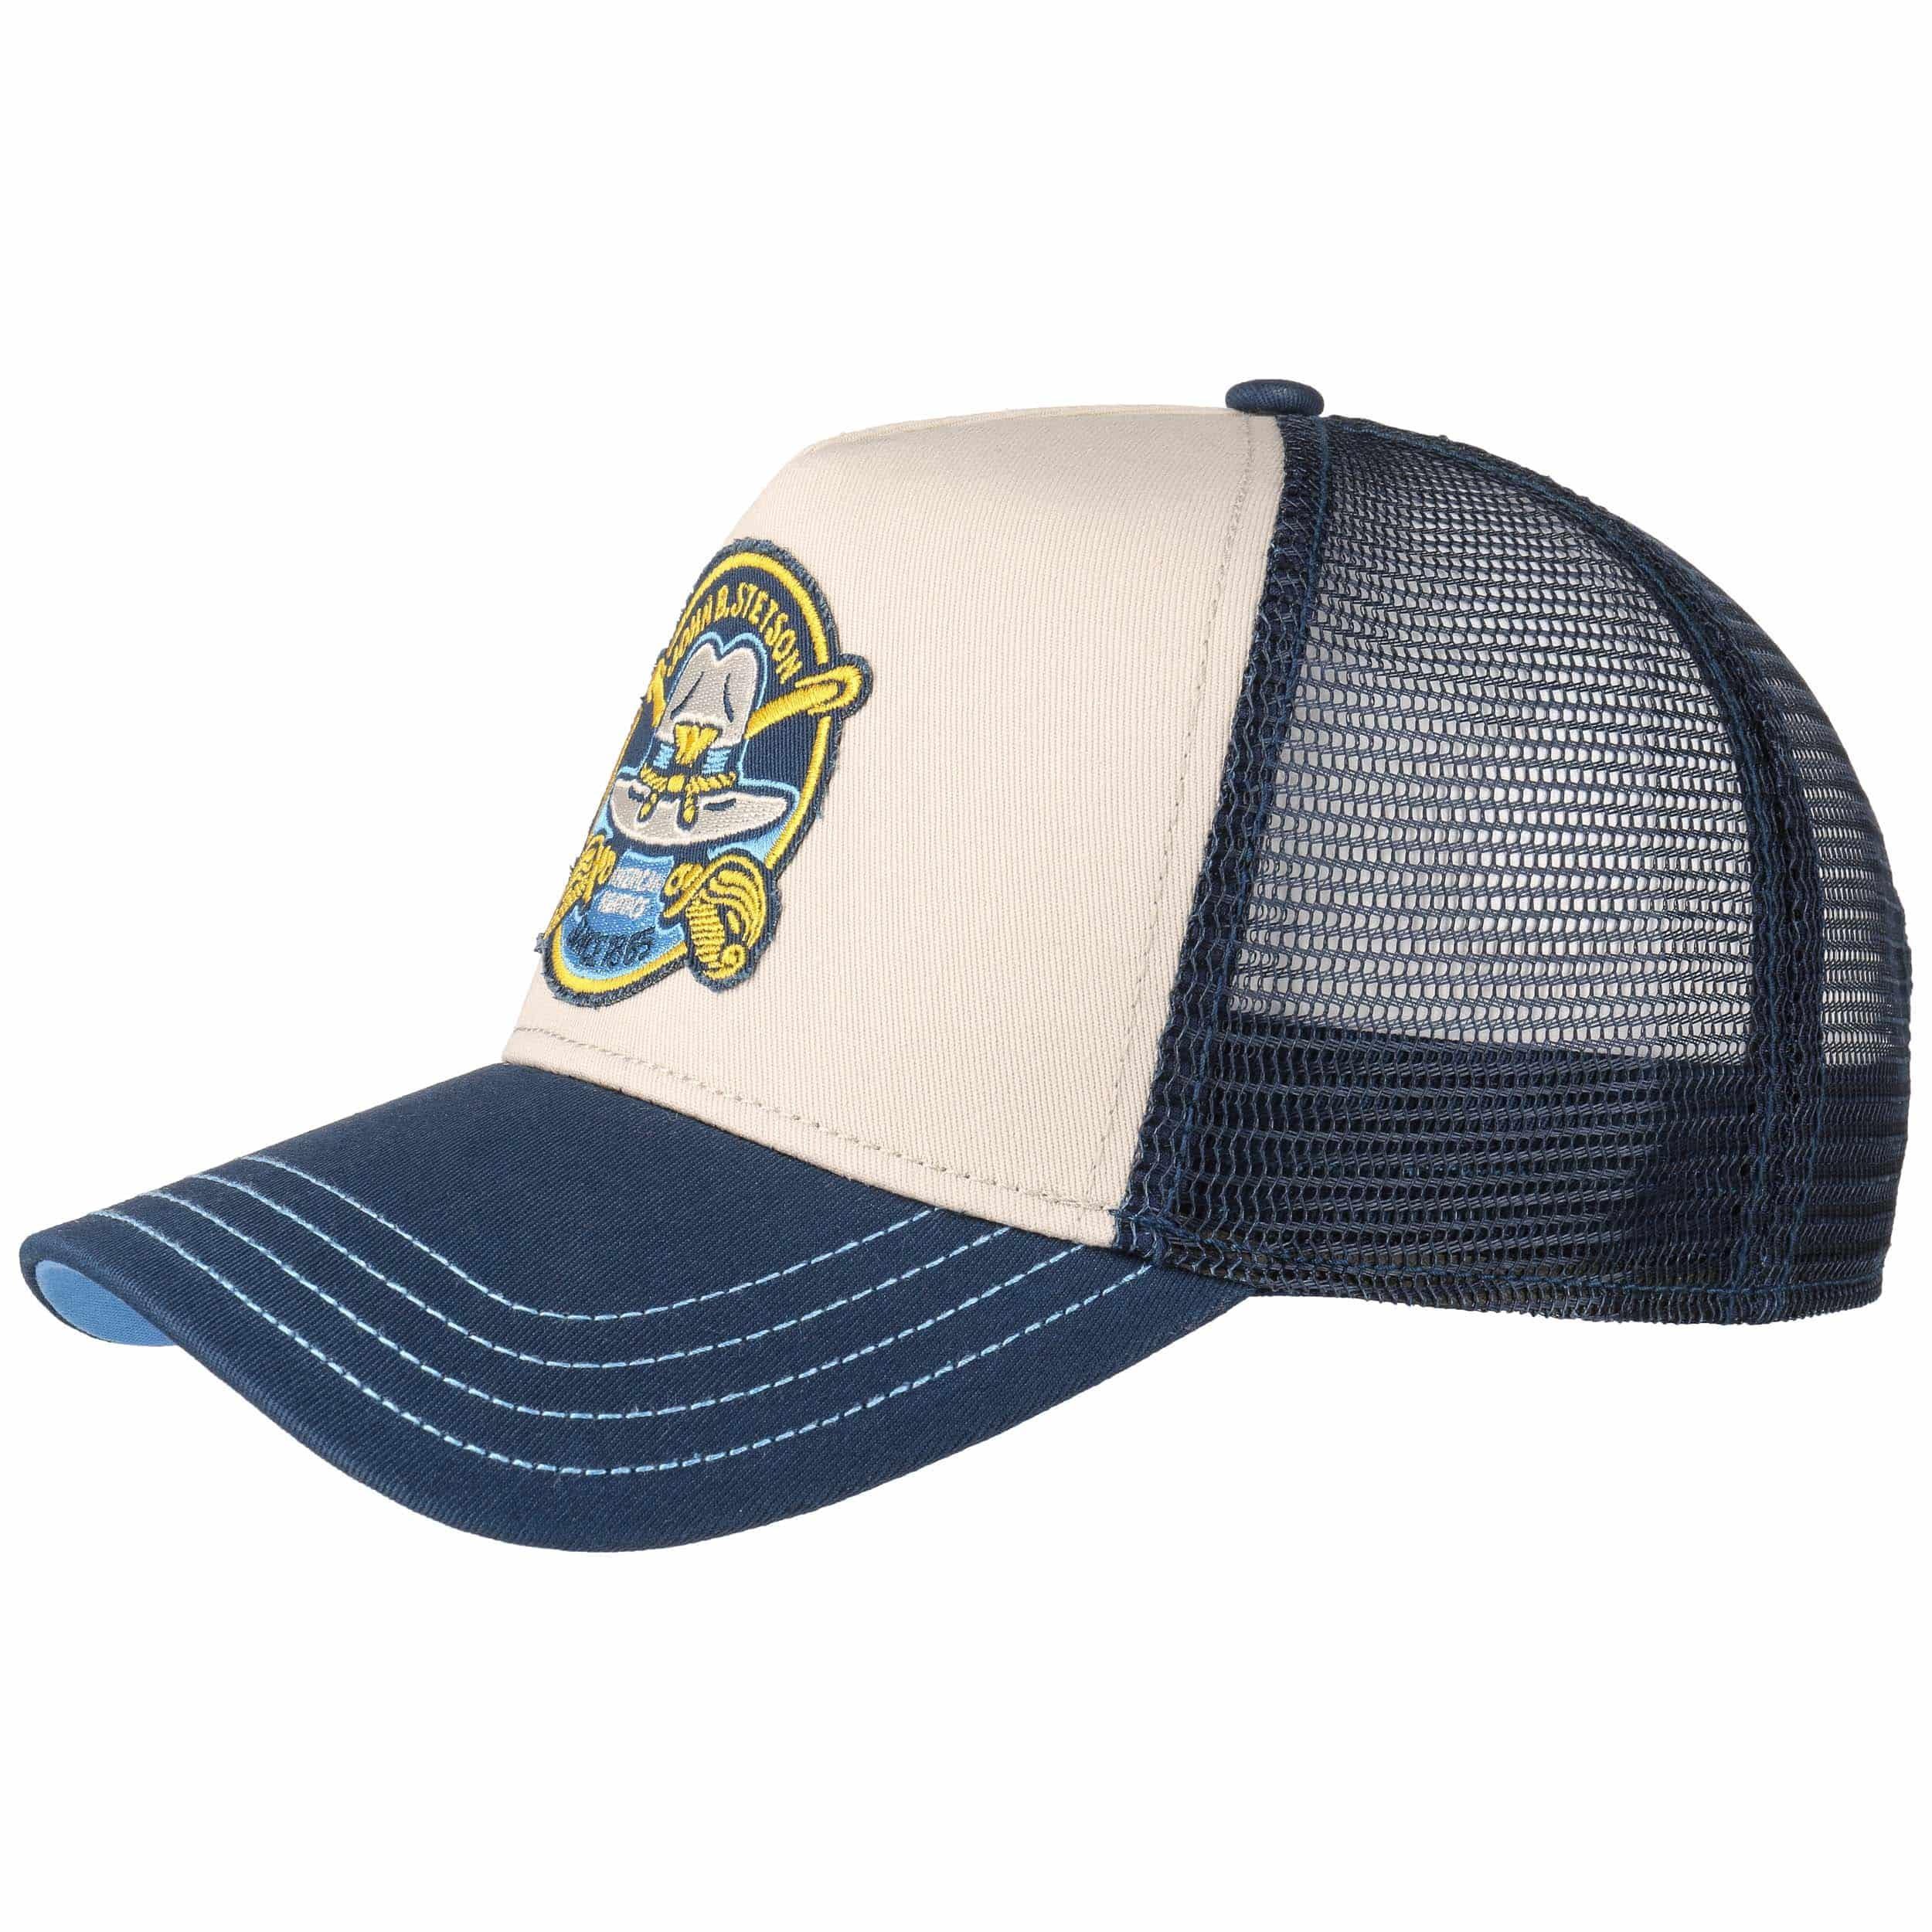 JBS-Cavalry Trucker Cap by Stetson, EUR 29,00 --> Hats ...